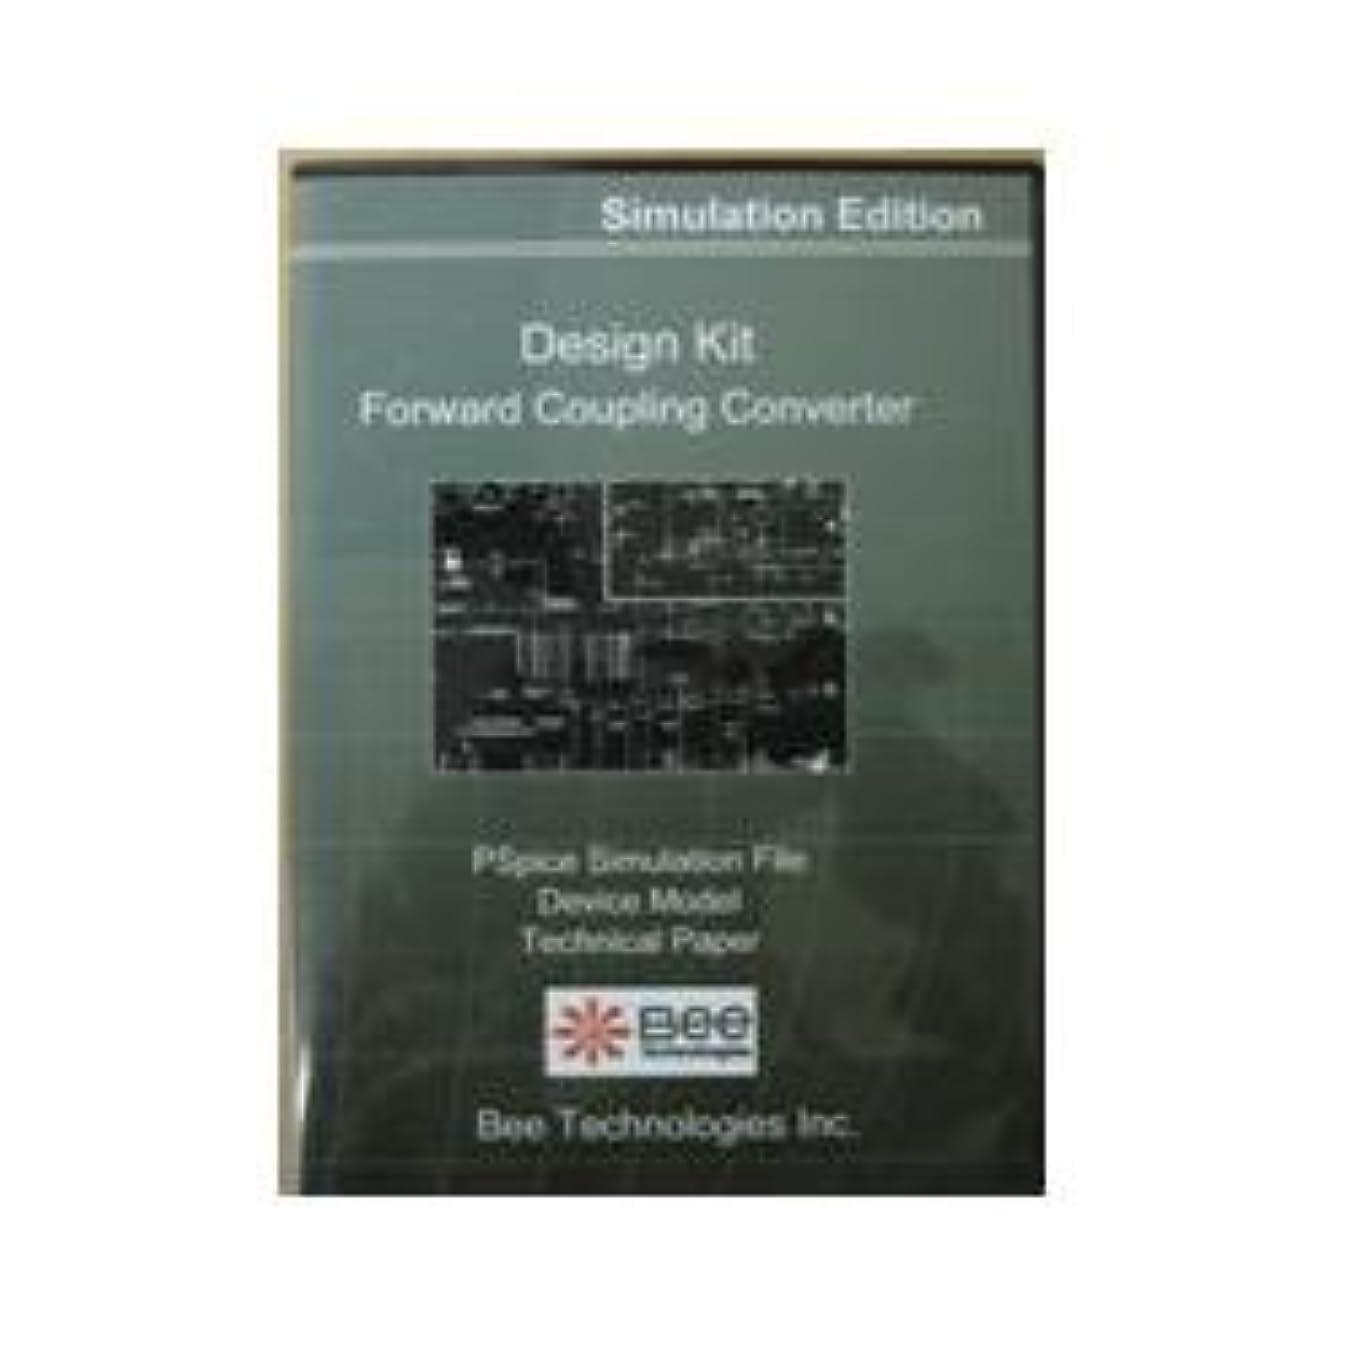 ネーピア演じるネズミBee Technologies SPICE デザインキット FCC回路 【Design Kit 001】